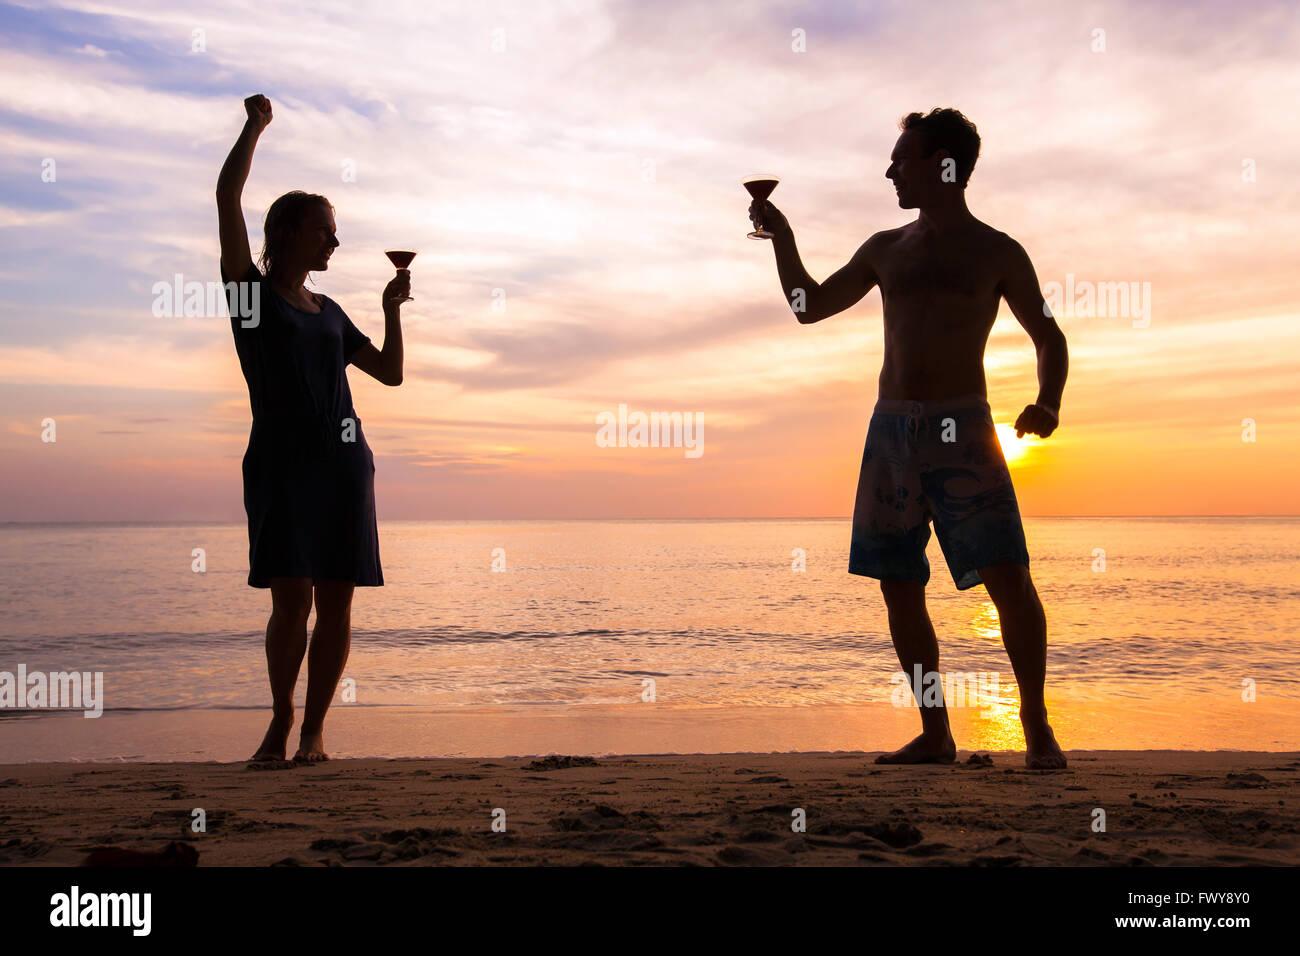 Playa o fiesta con amigos, gente feliz y alegre celebración de la vida, pareja de bailarines con cócteles Imagen De Stock